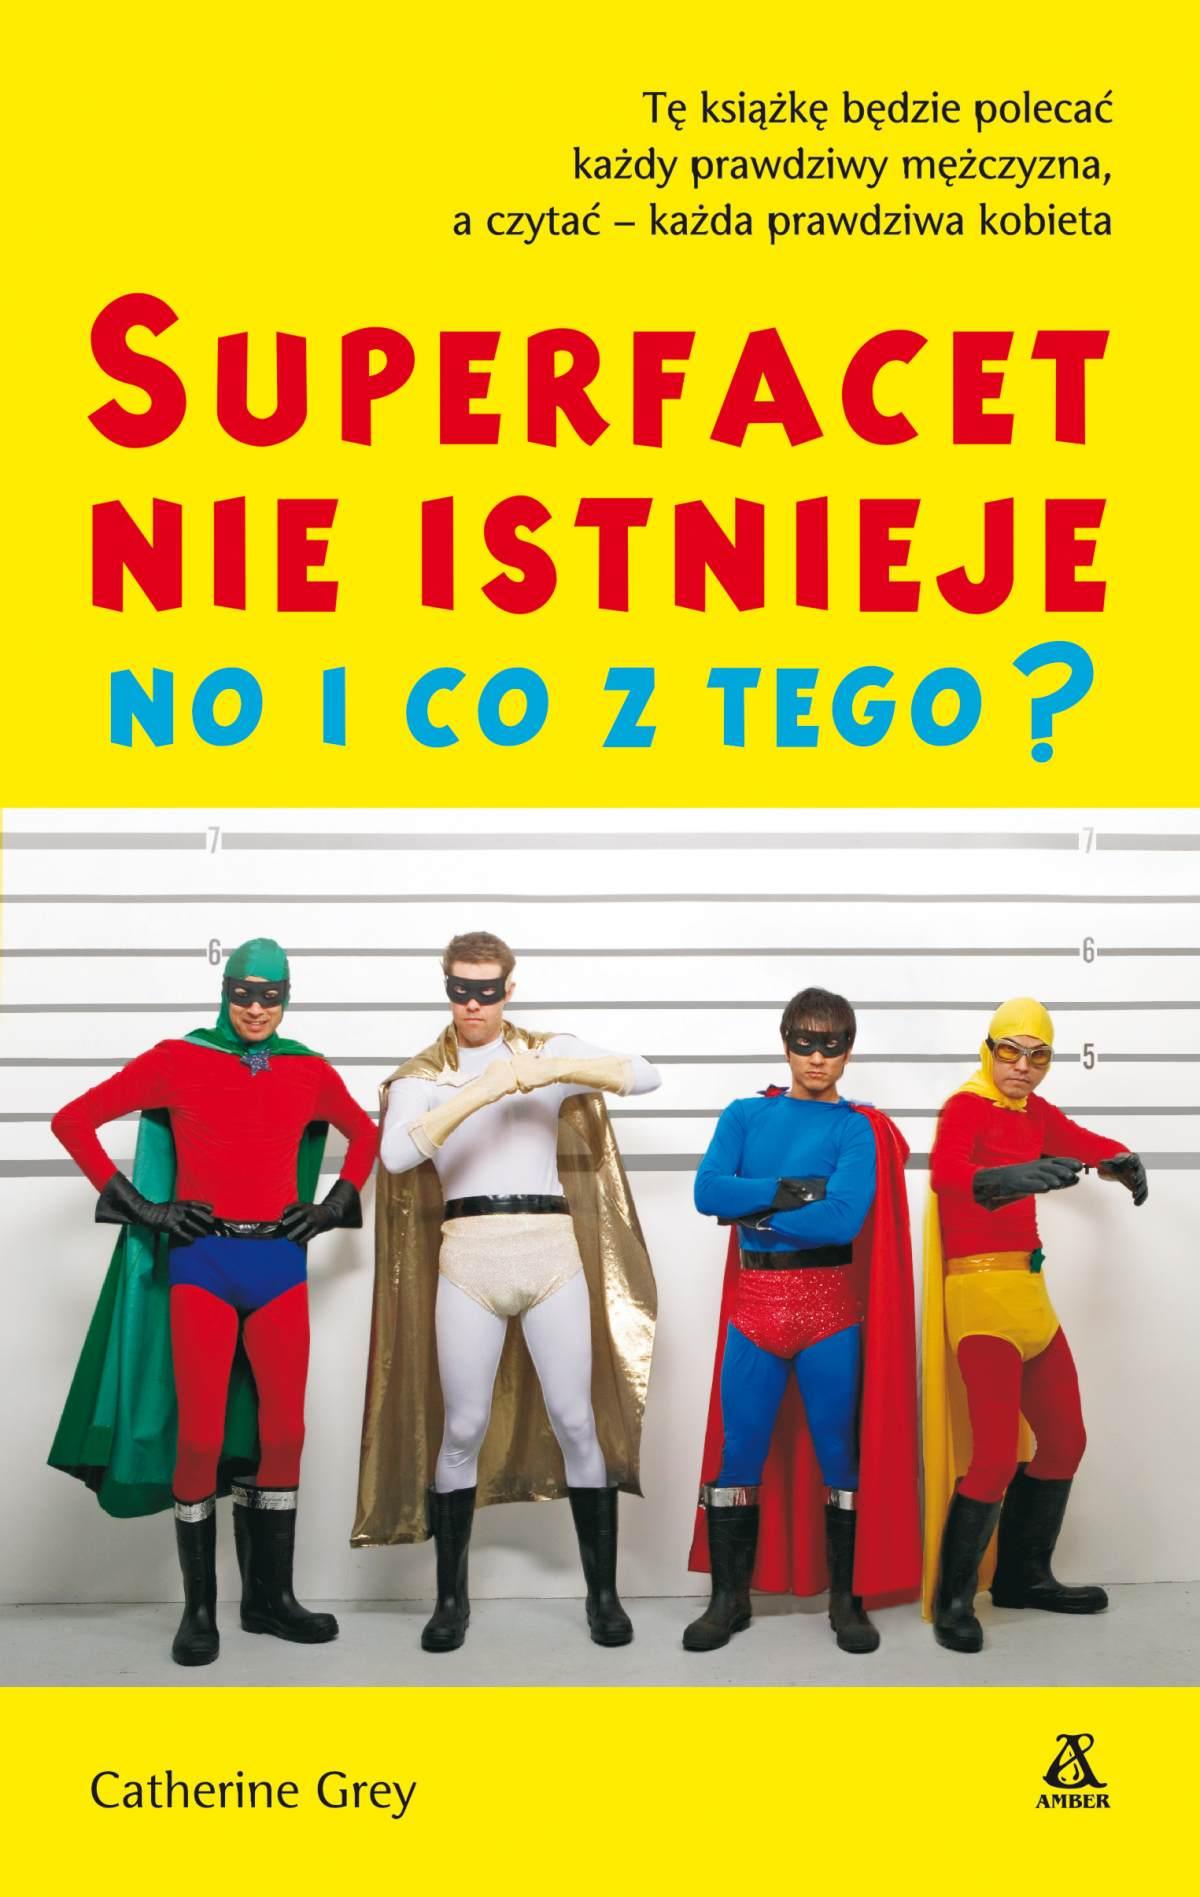 Super facet nie istnieje no i co z tego? - Ebook (Książka EPUB) do pobrania w formacie EPUB